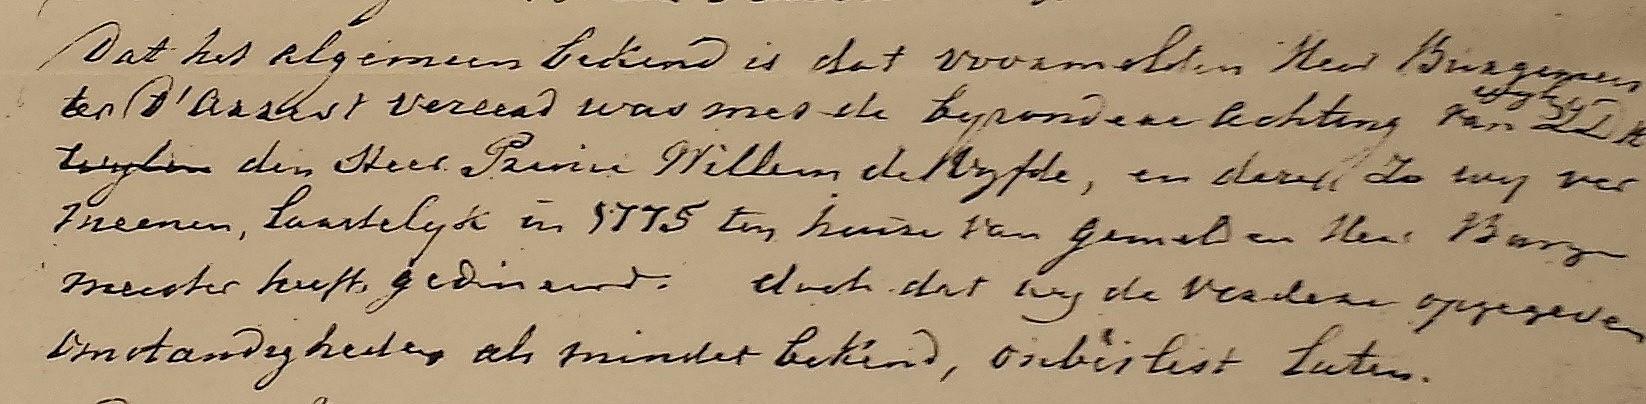 1830 06 30 Onderzoek Brief Antje